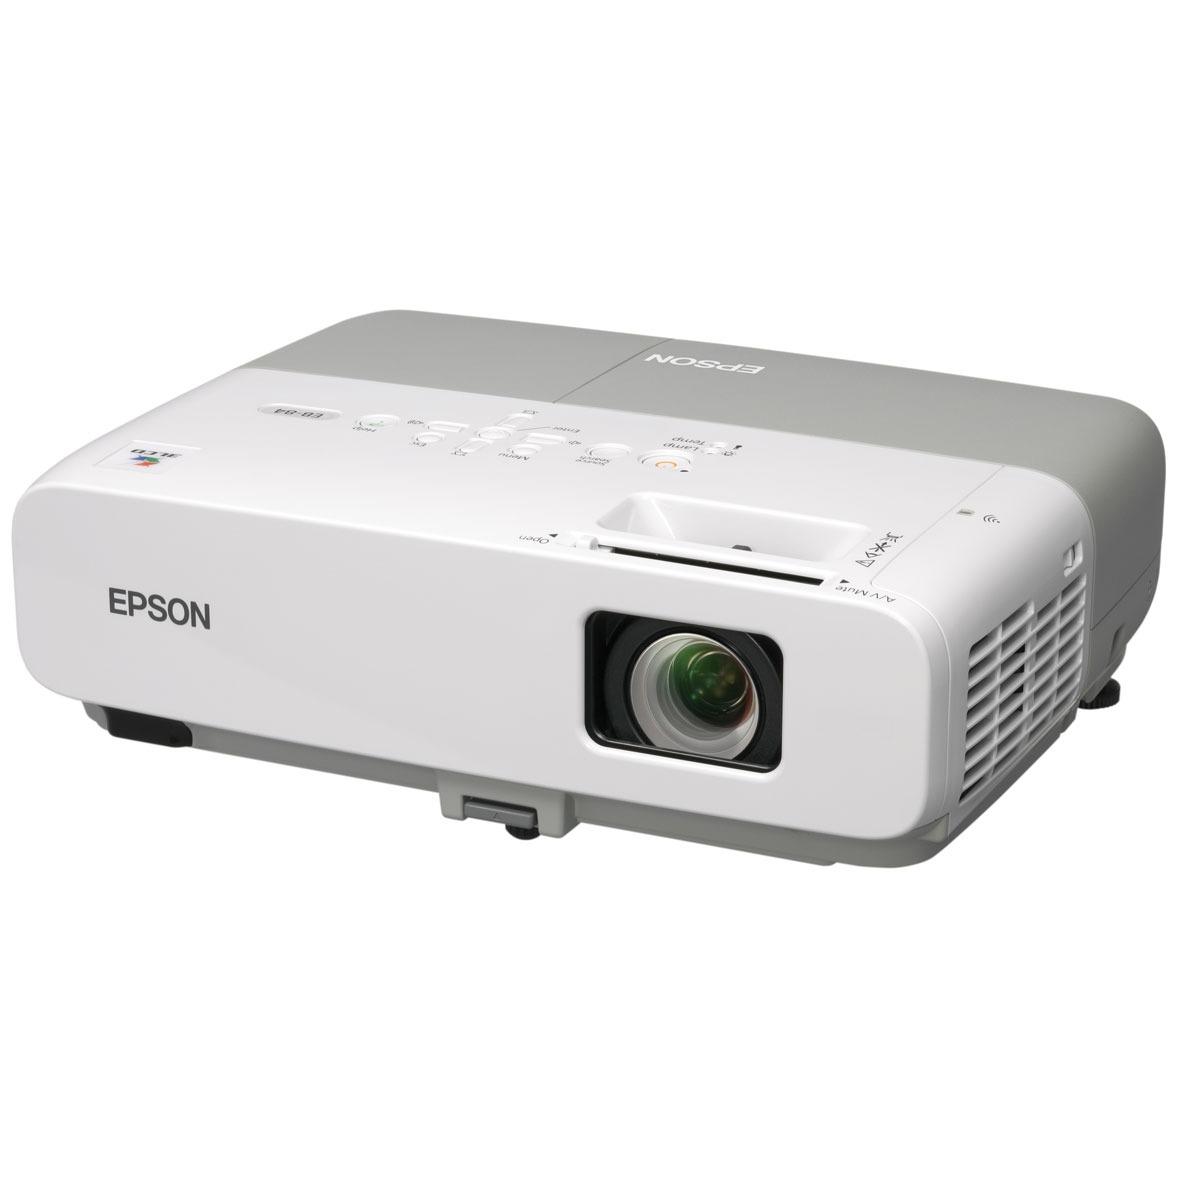 Epson eb 84 vid oprojecteur epson sur - Support plafond videoprojecteur epson ...